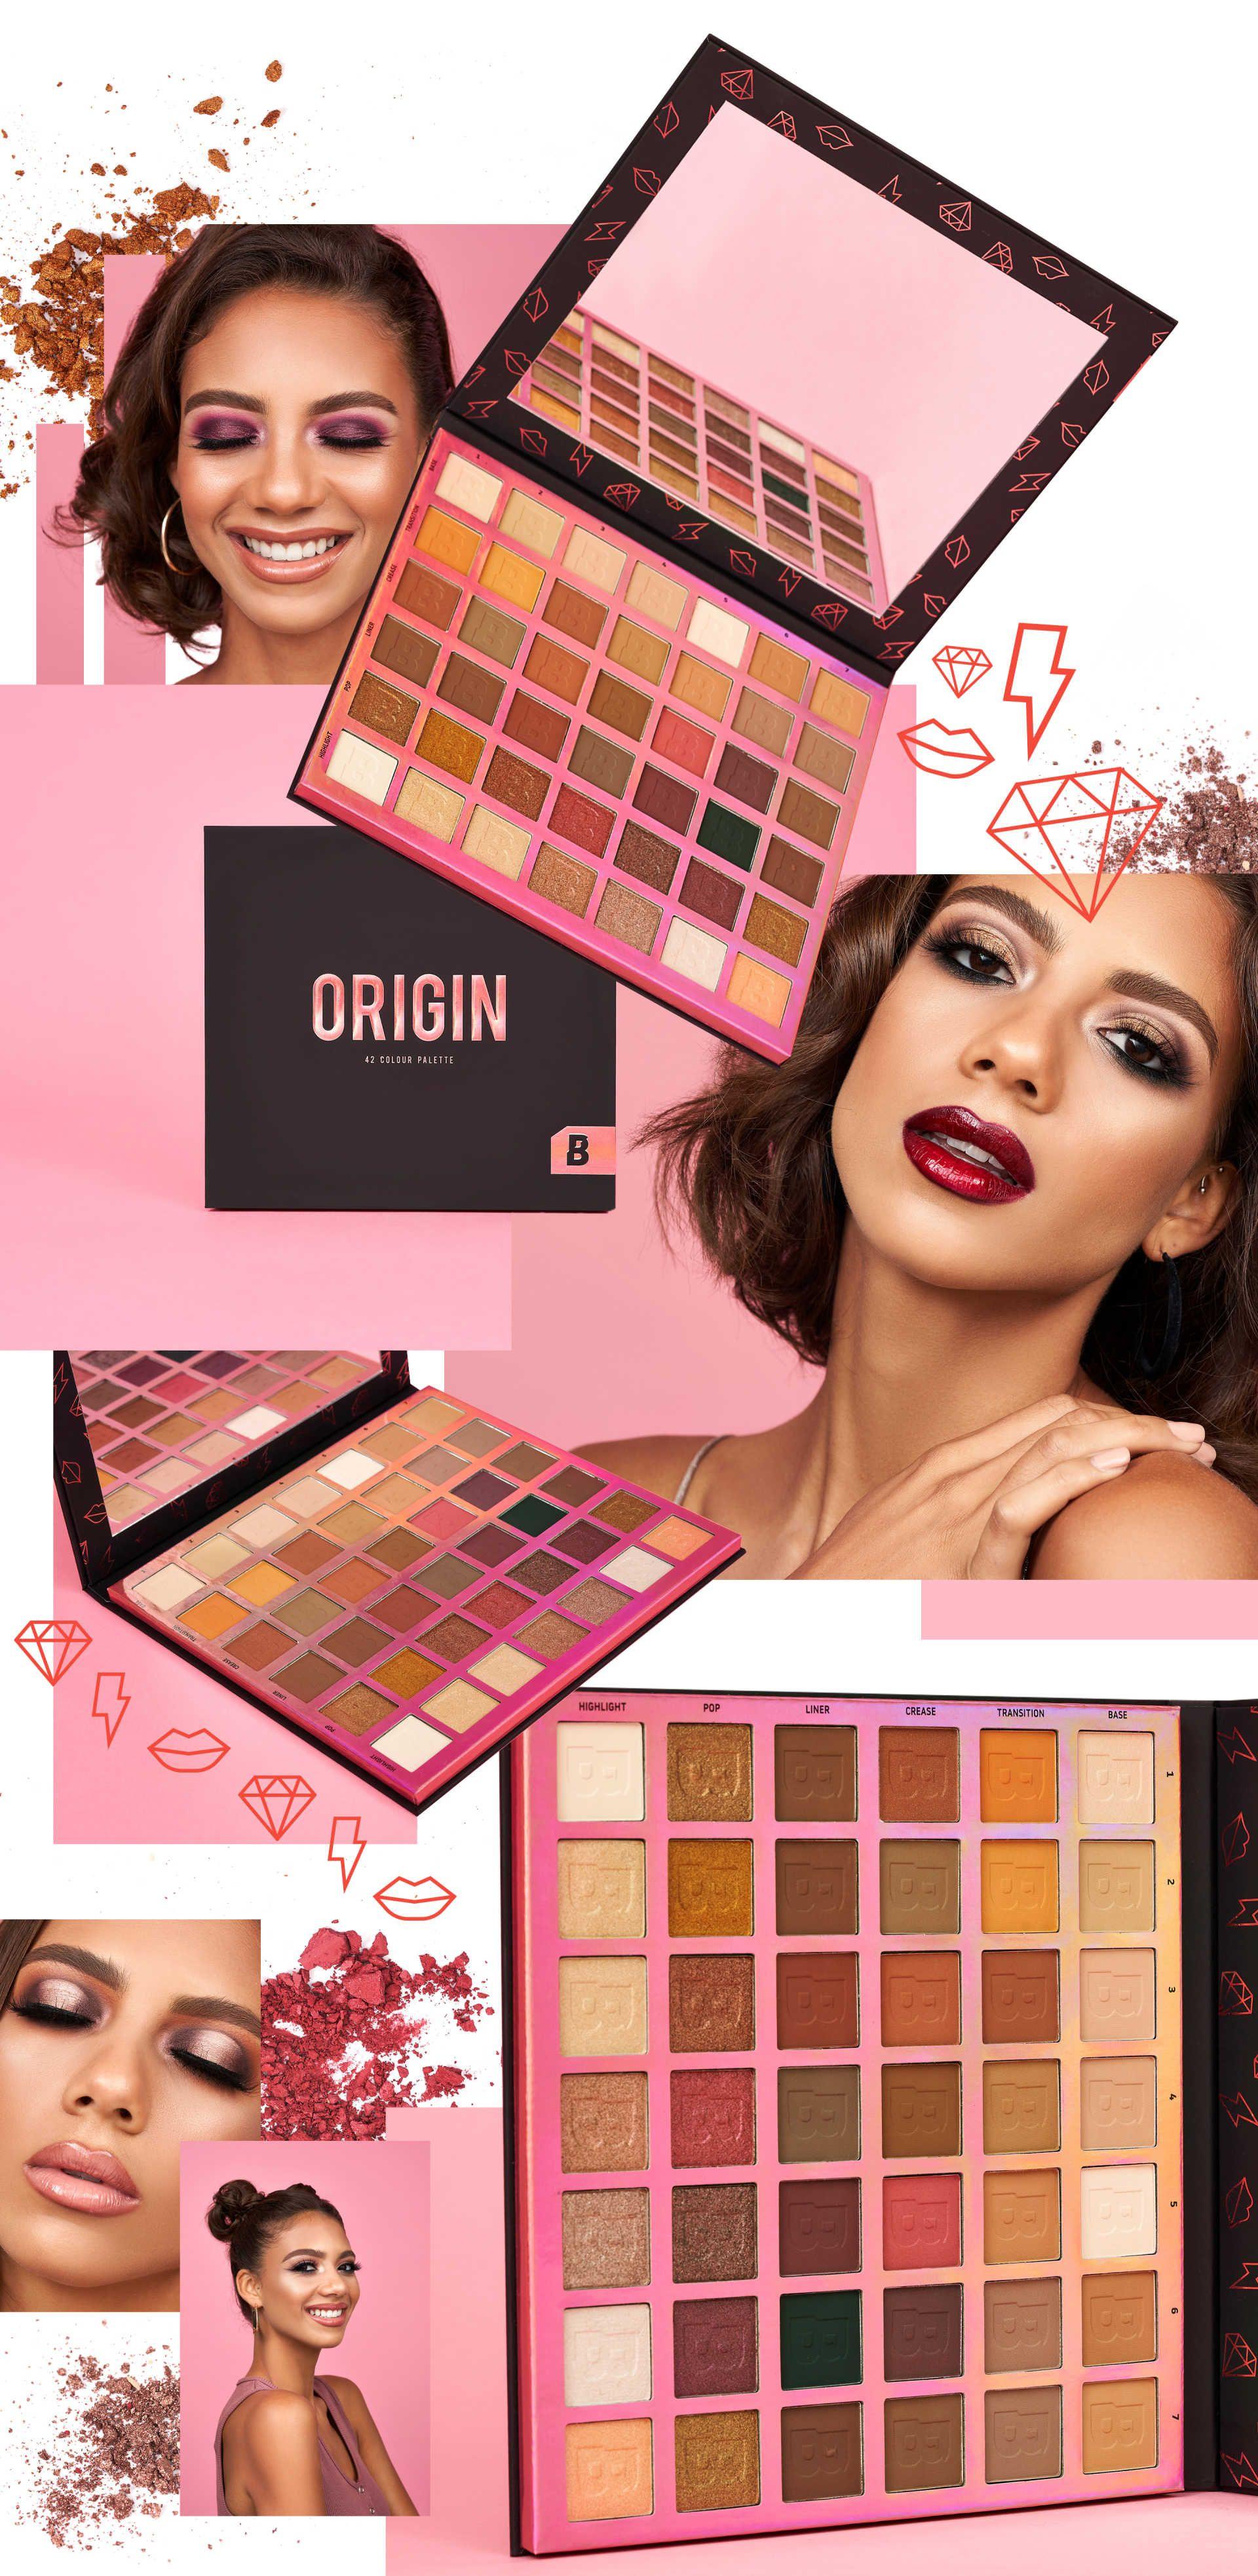 Origin Palette golden and purple eye looks Beauty bay